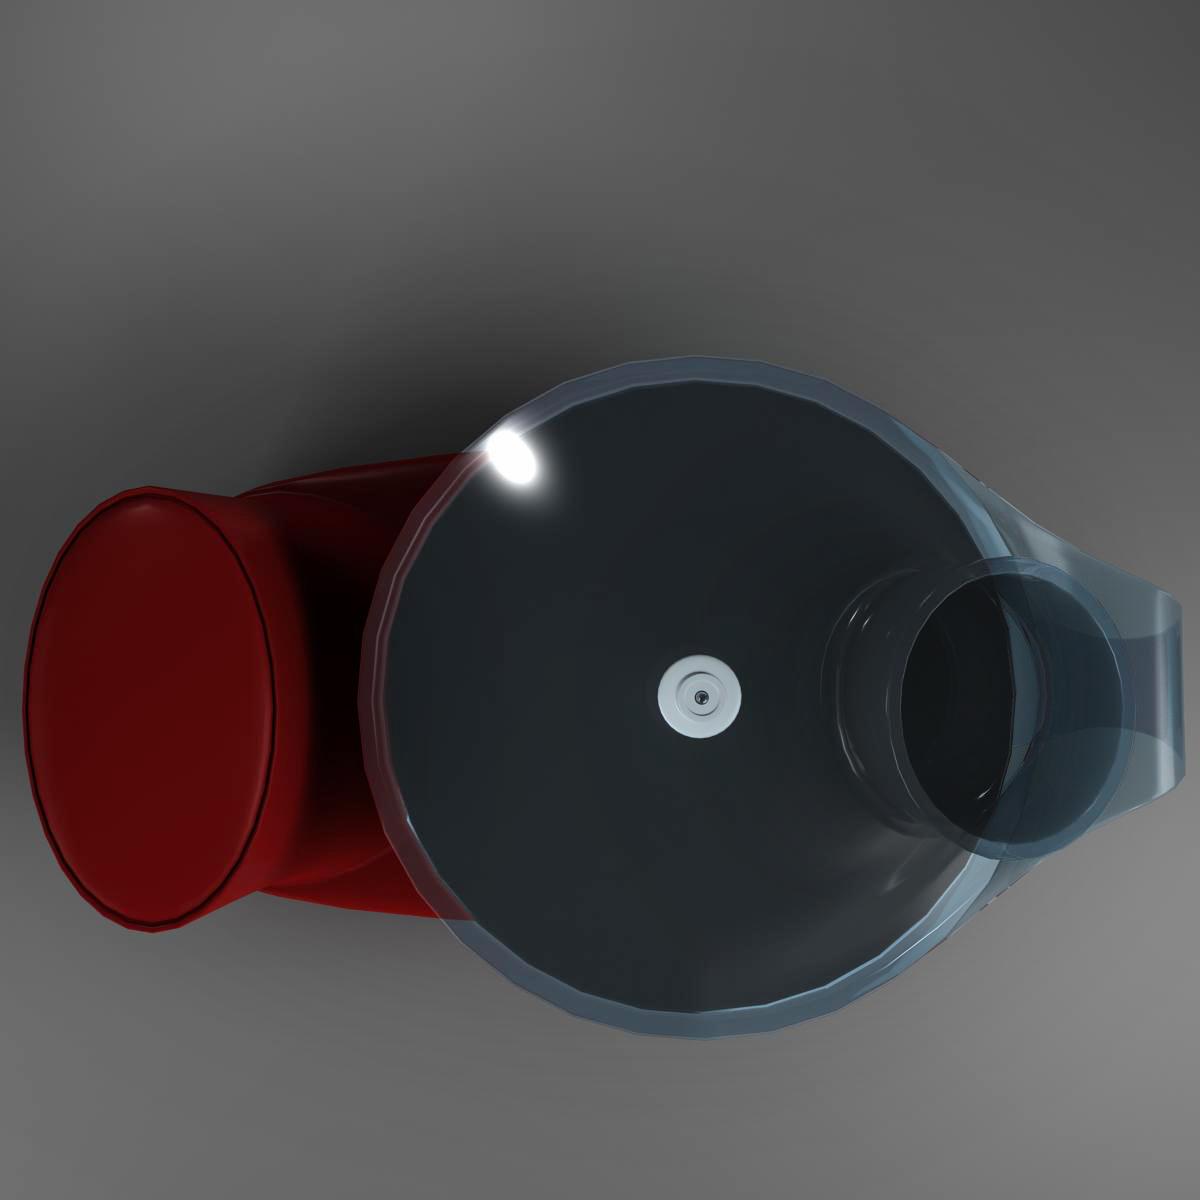 mixer 3d model 3ds max fbx c4d ma mb obj 159407